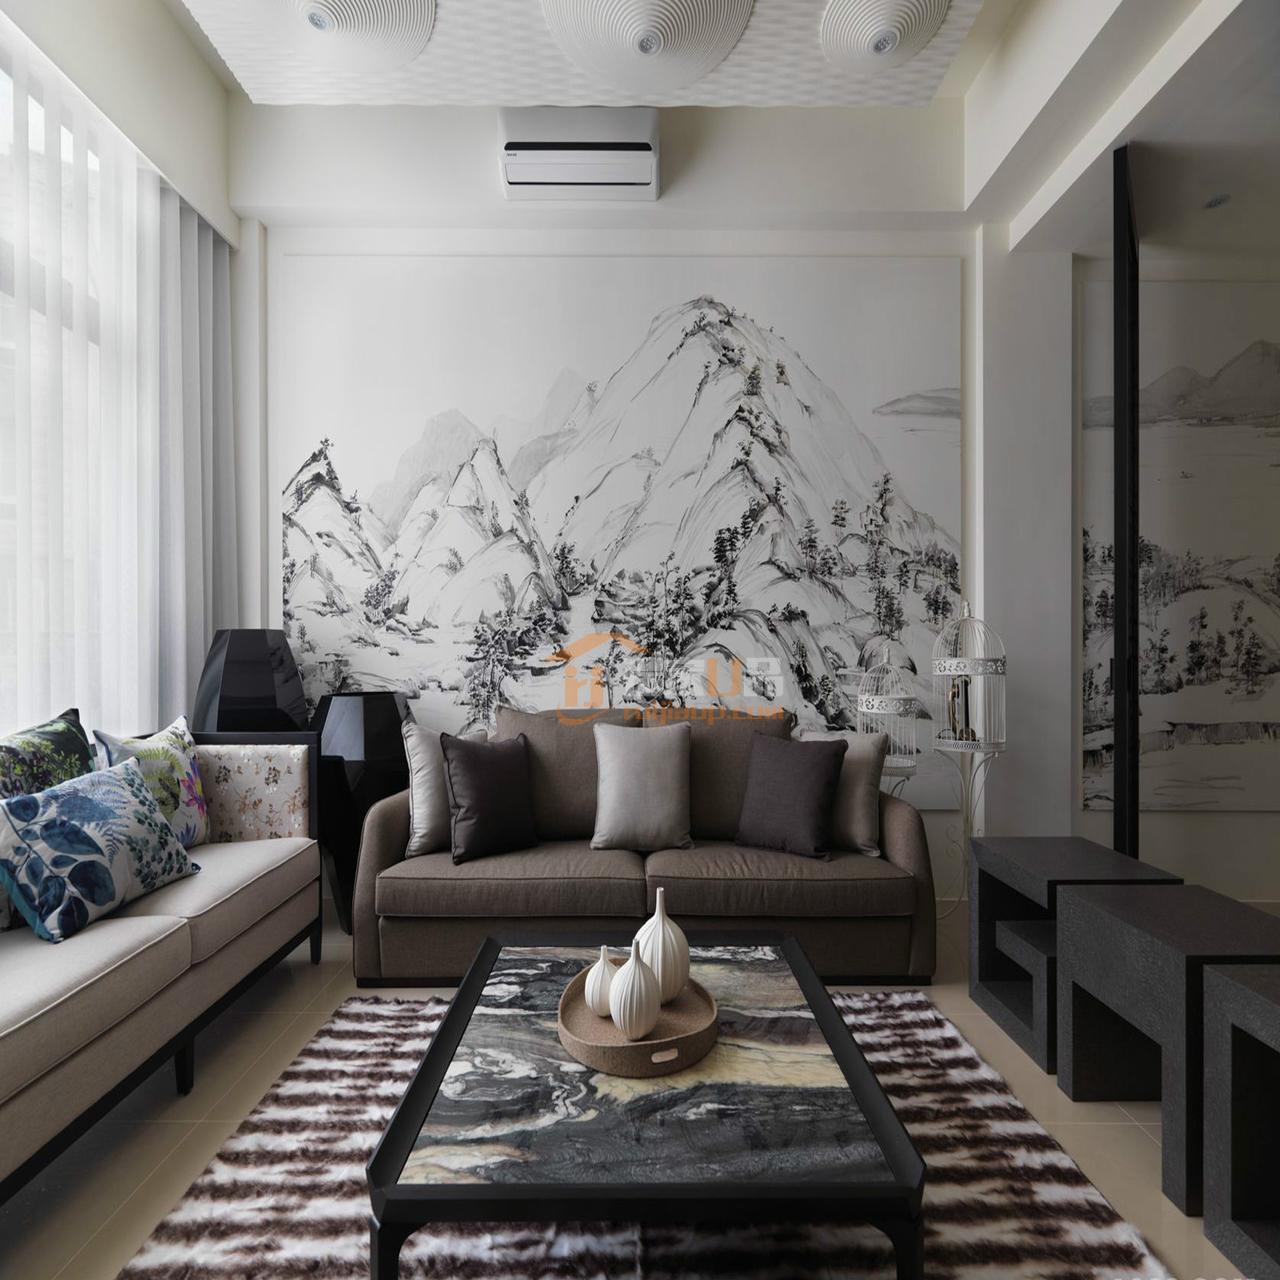 黔灵文峰苑新中式装饰造型主要采用硬朗简洁的直线条,空间具有层次感之美。,,,128.0㎡